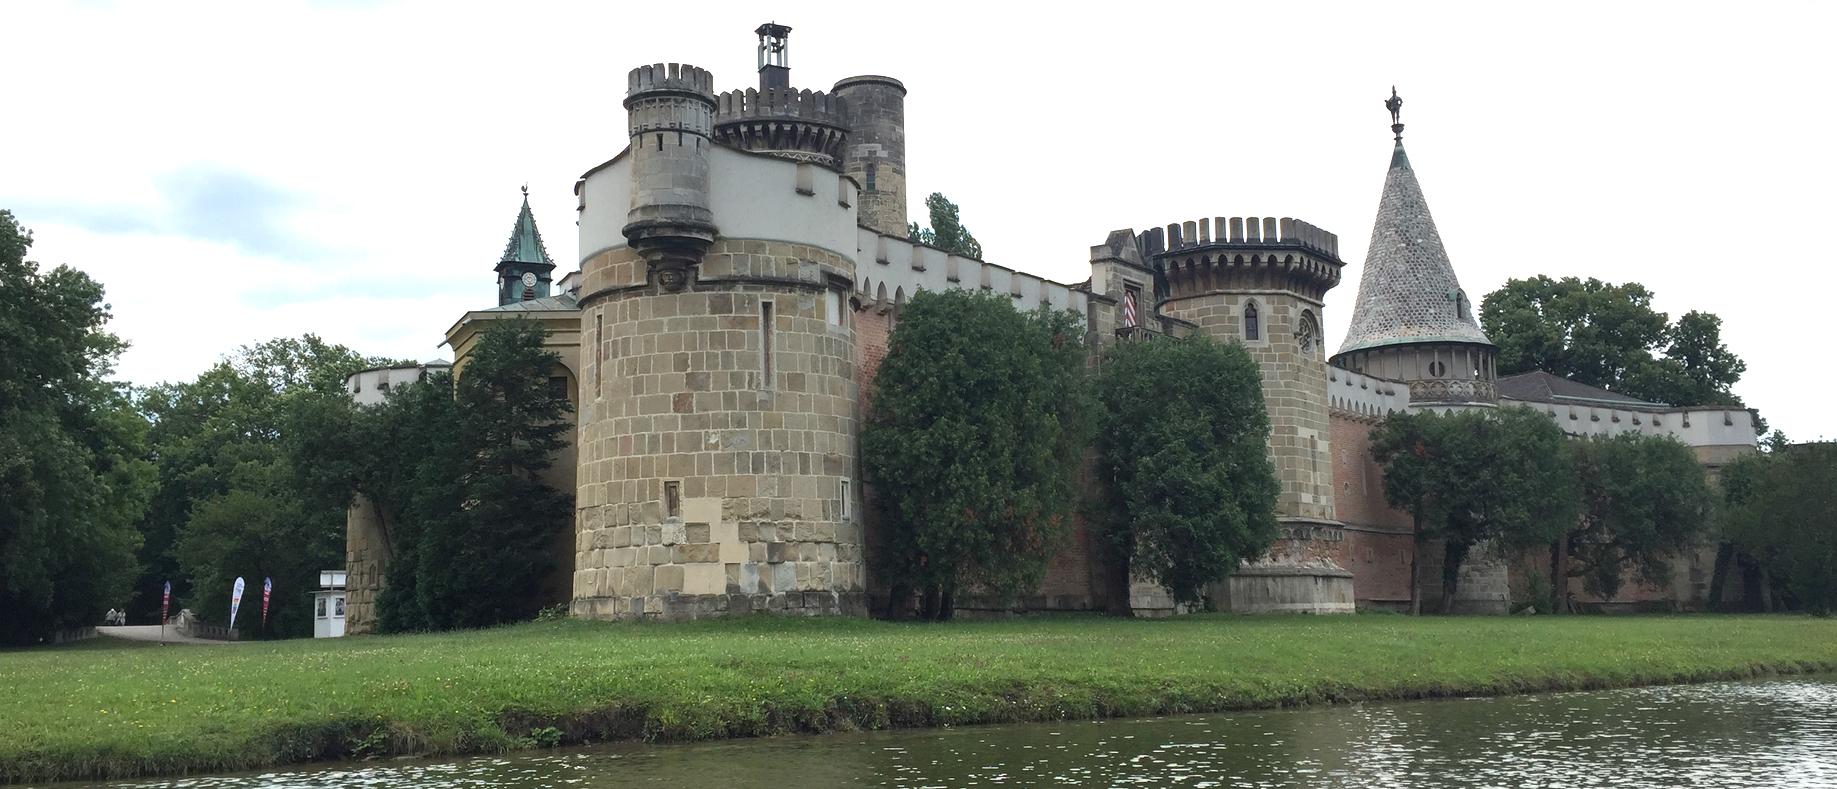 Dieses Bild zeigt das wunderschöne Schloss von aussen und gibt gleichzeitig Einblick in den Schlosspark.